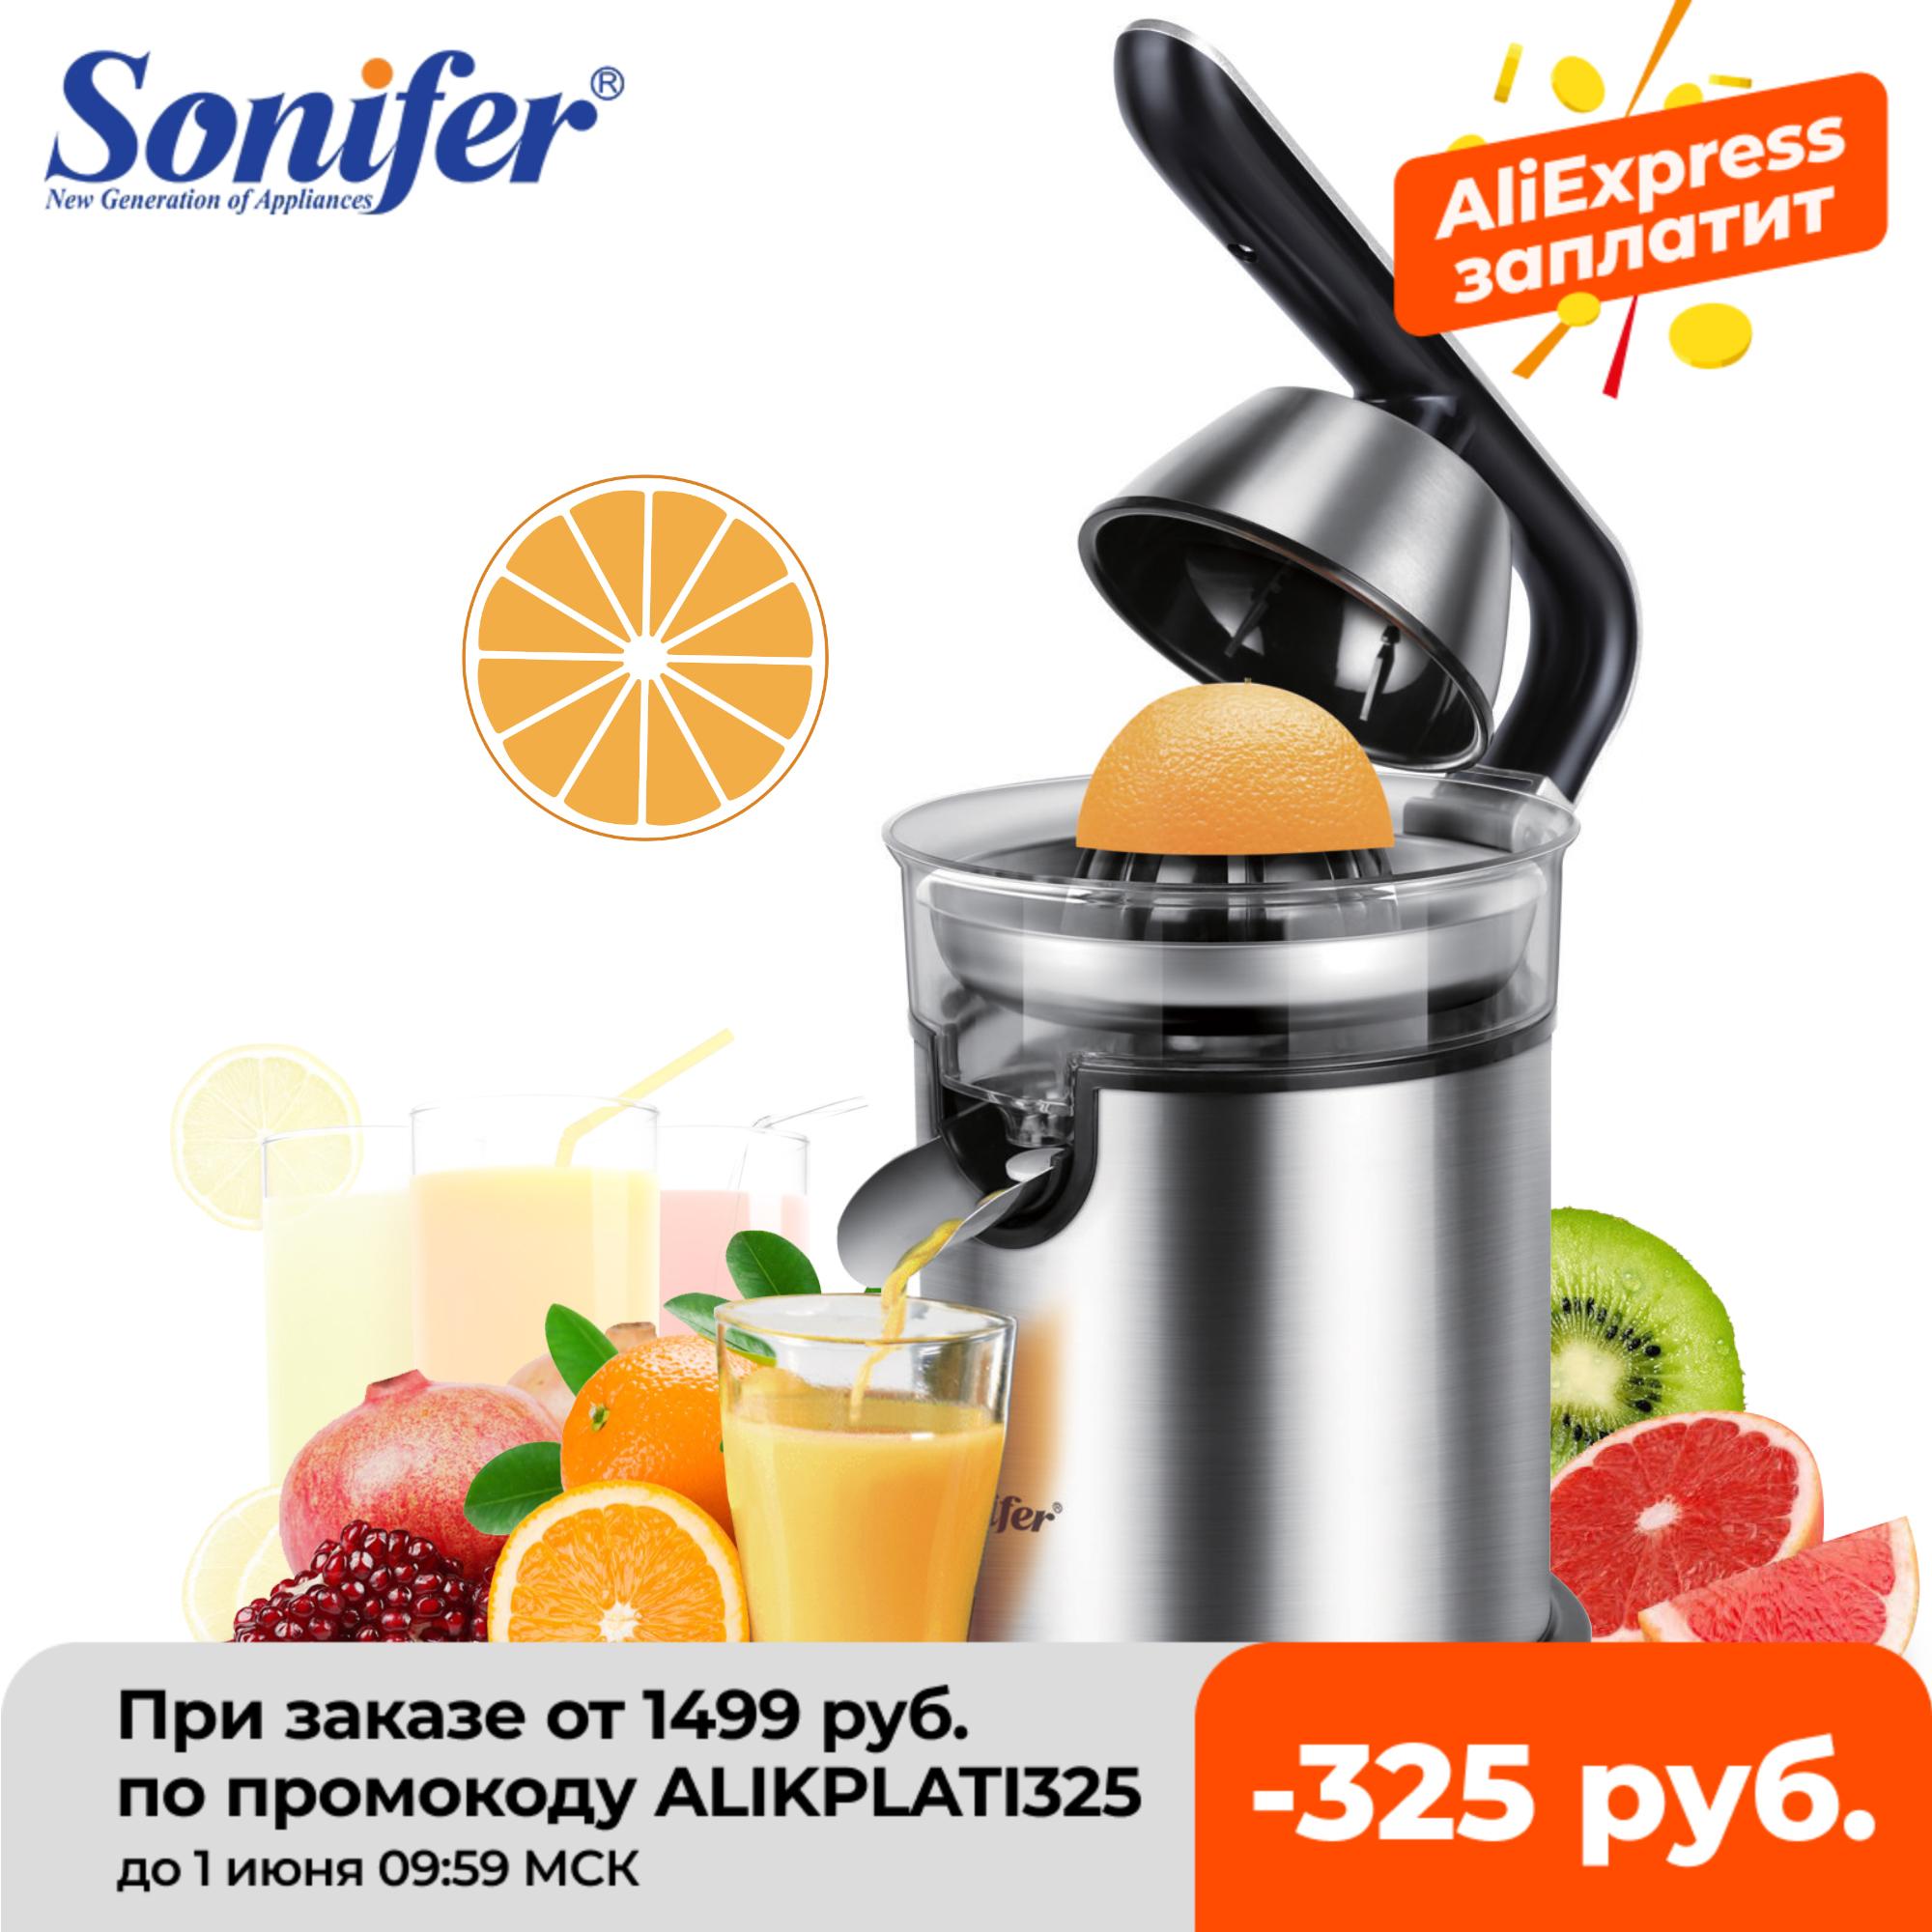 Stainless Steel Orange 300W Lemon Electric Set Juicers Aluminum Die  casting Handle Household Low Power Sonifer